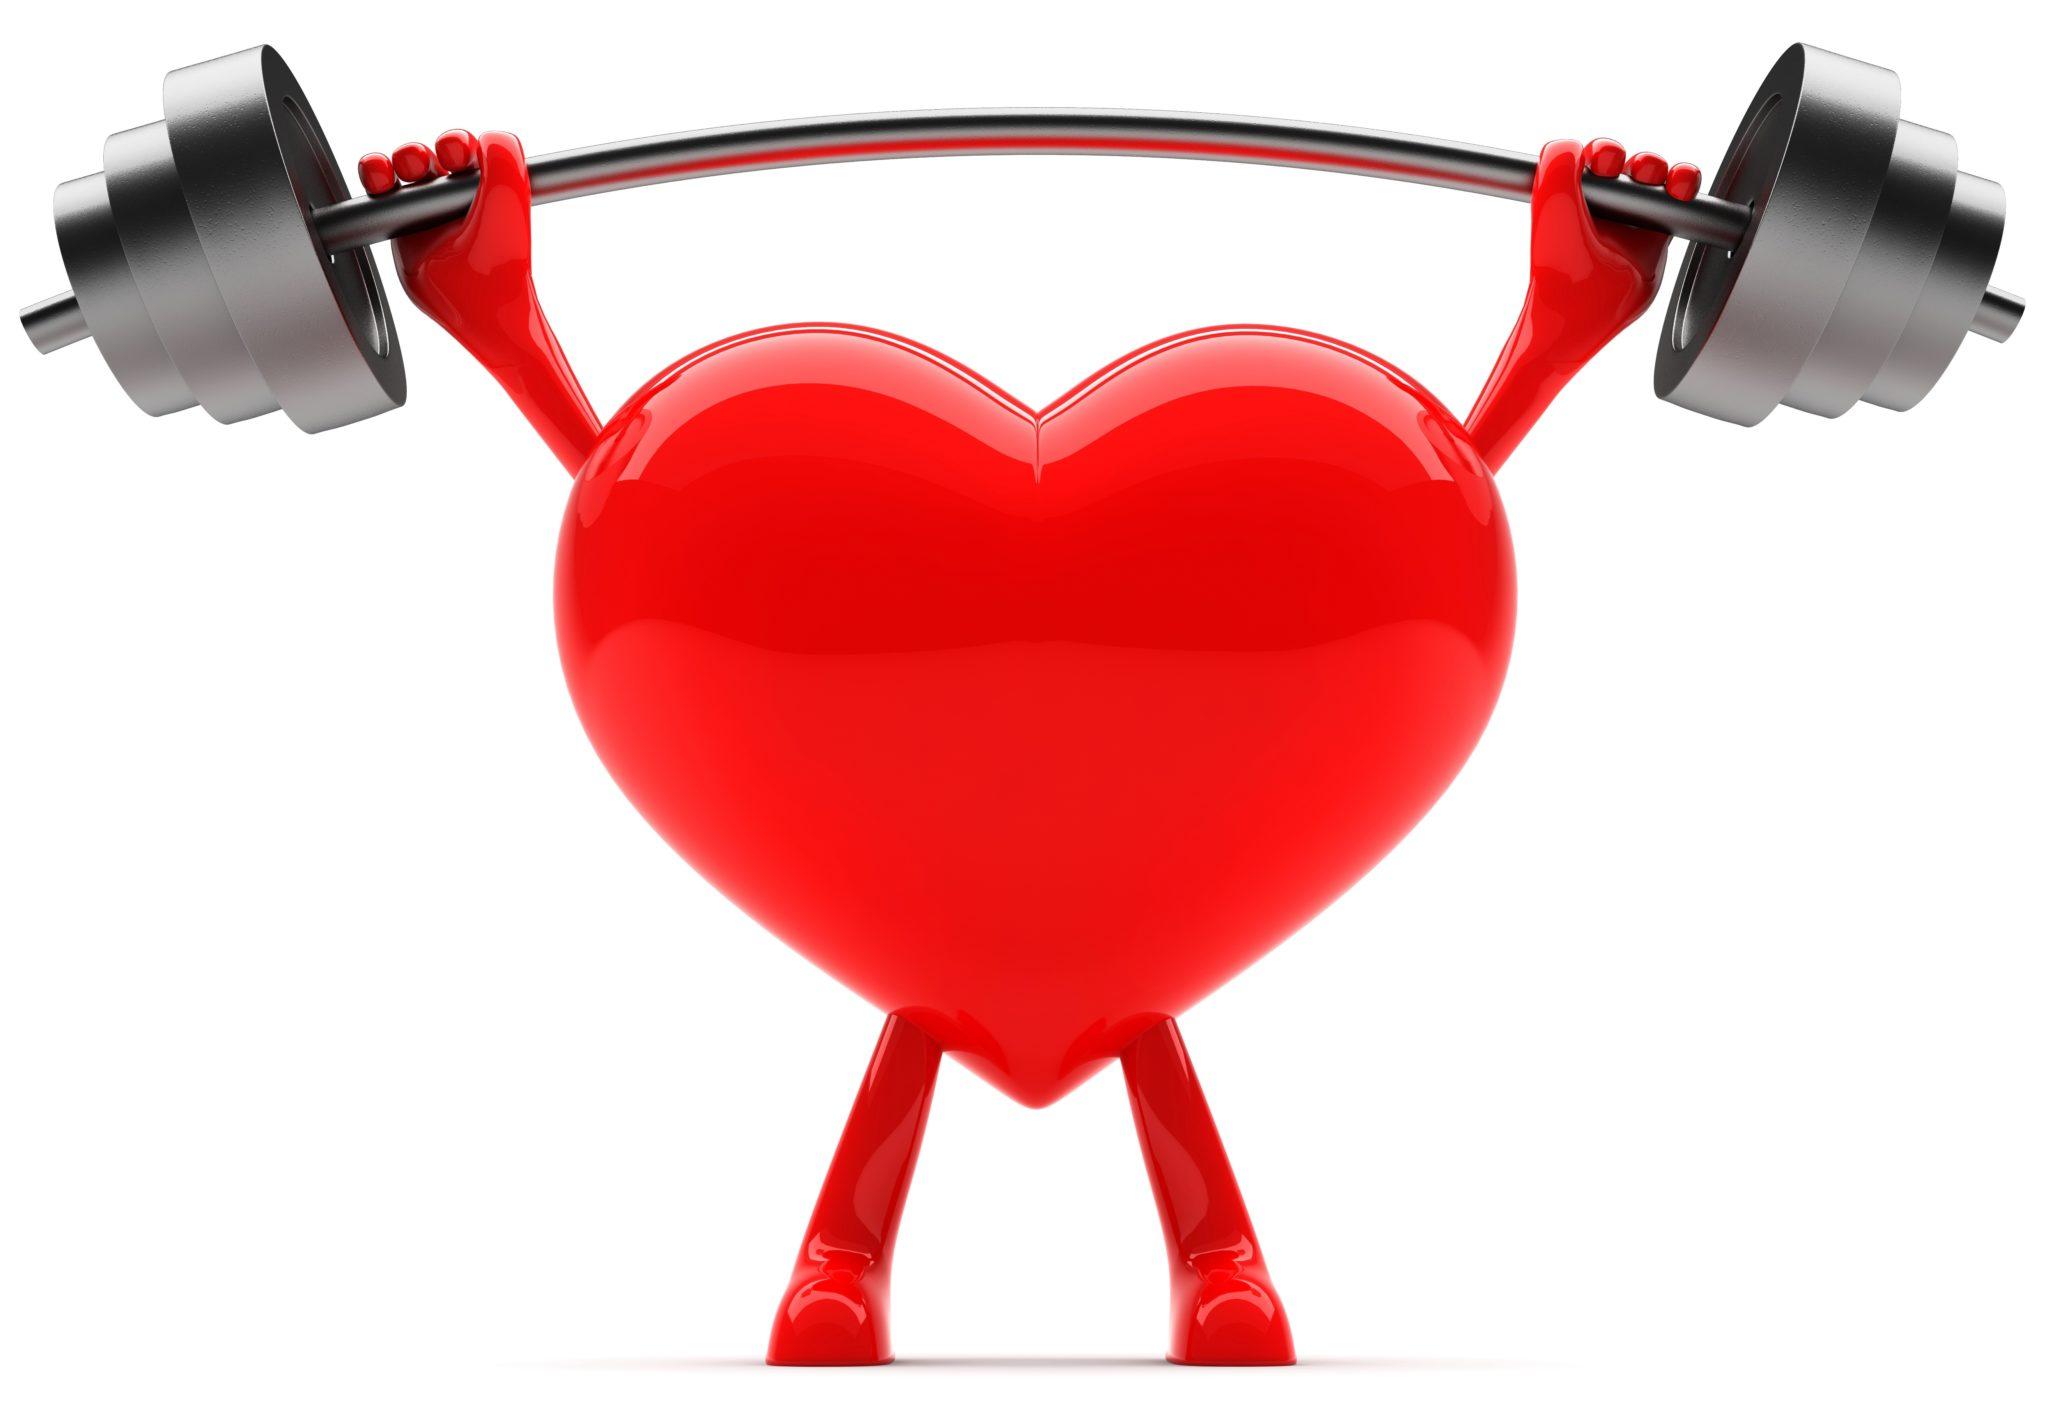 Beneficios del Omega 3: Colesterol y Riesgo Cardiovascular